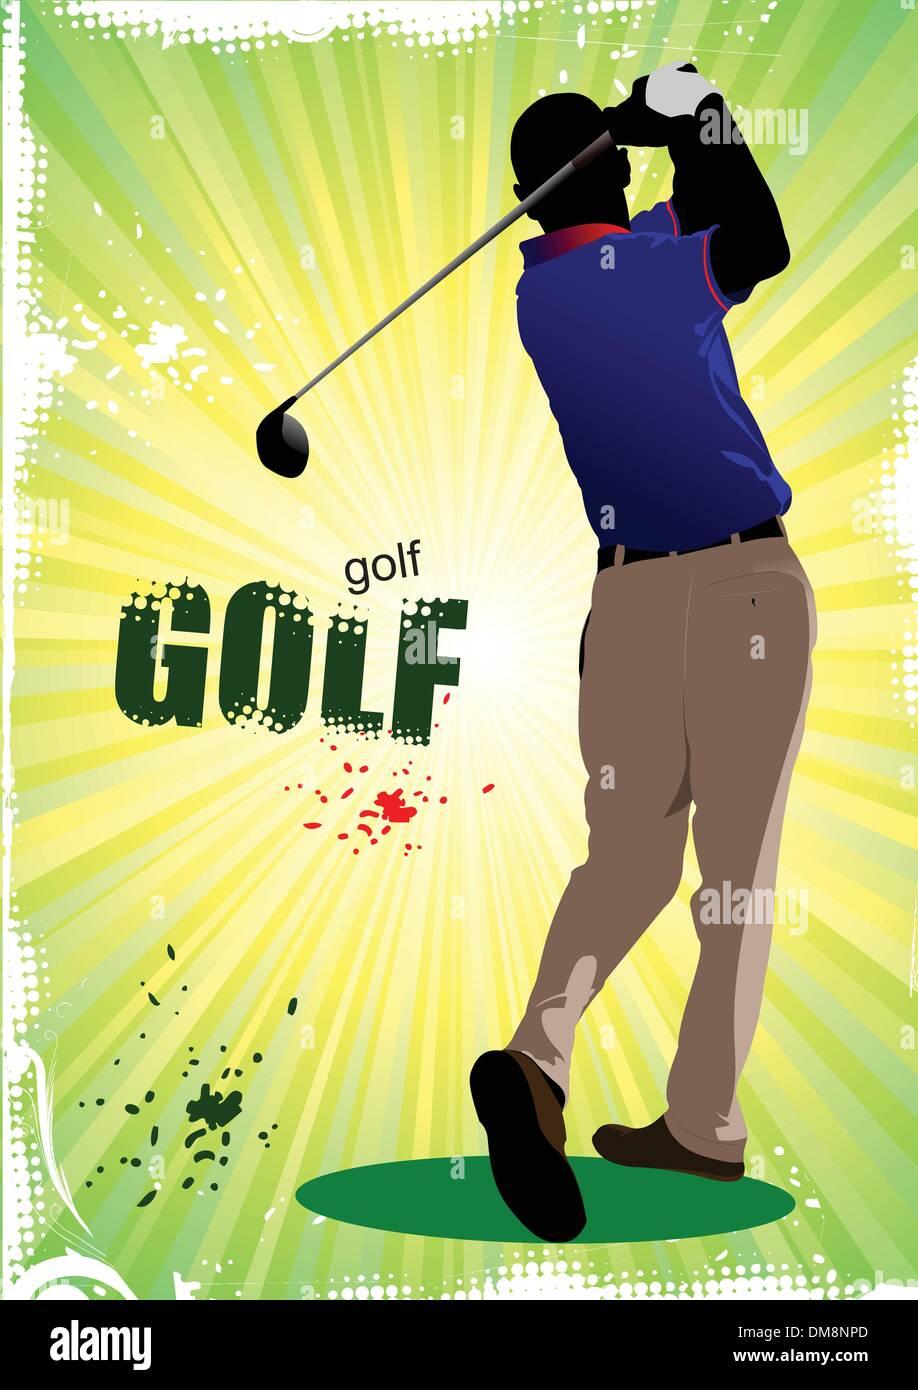 Póster con jugadores de golf. Ilustración vectorial Imagen De Stock